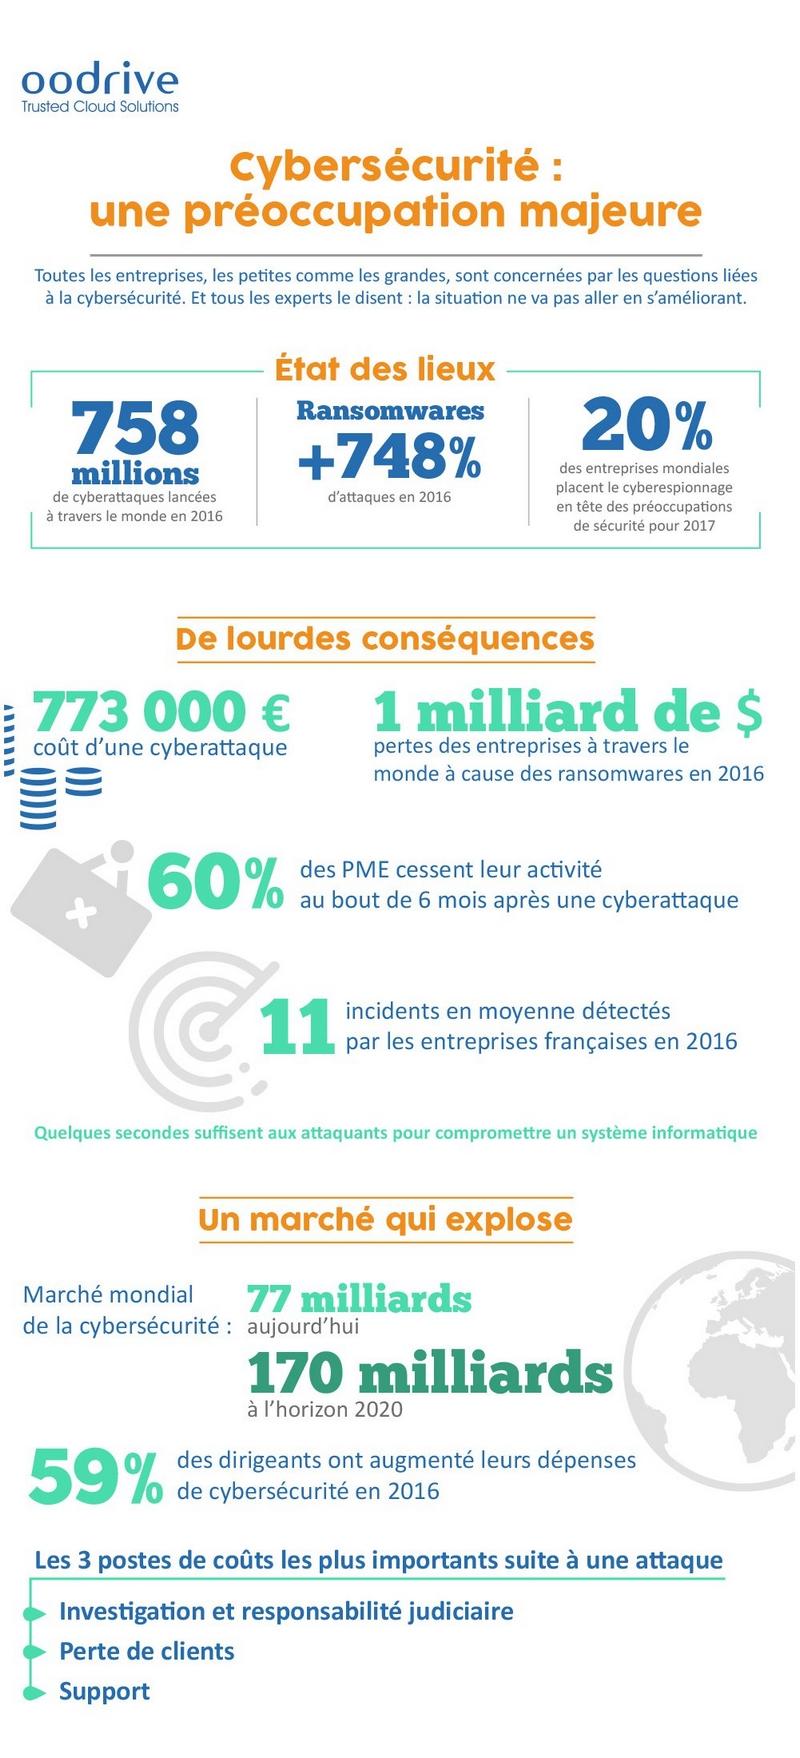 Infographie : les cyberattaques par ransomware ont côuté 1 milliard d'euros aux entreprises en 2016